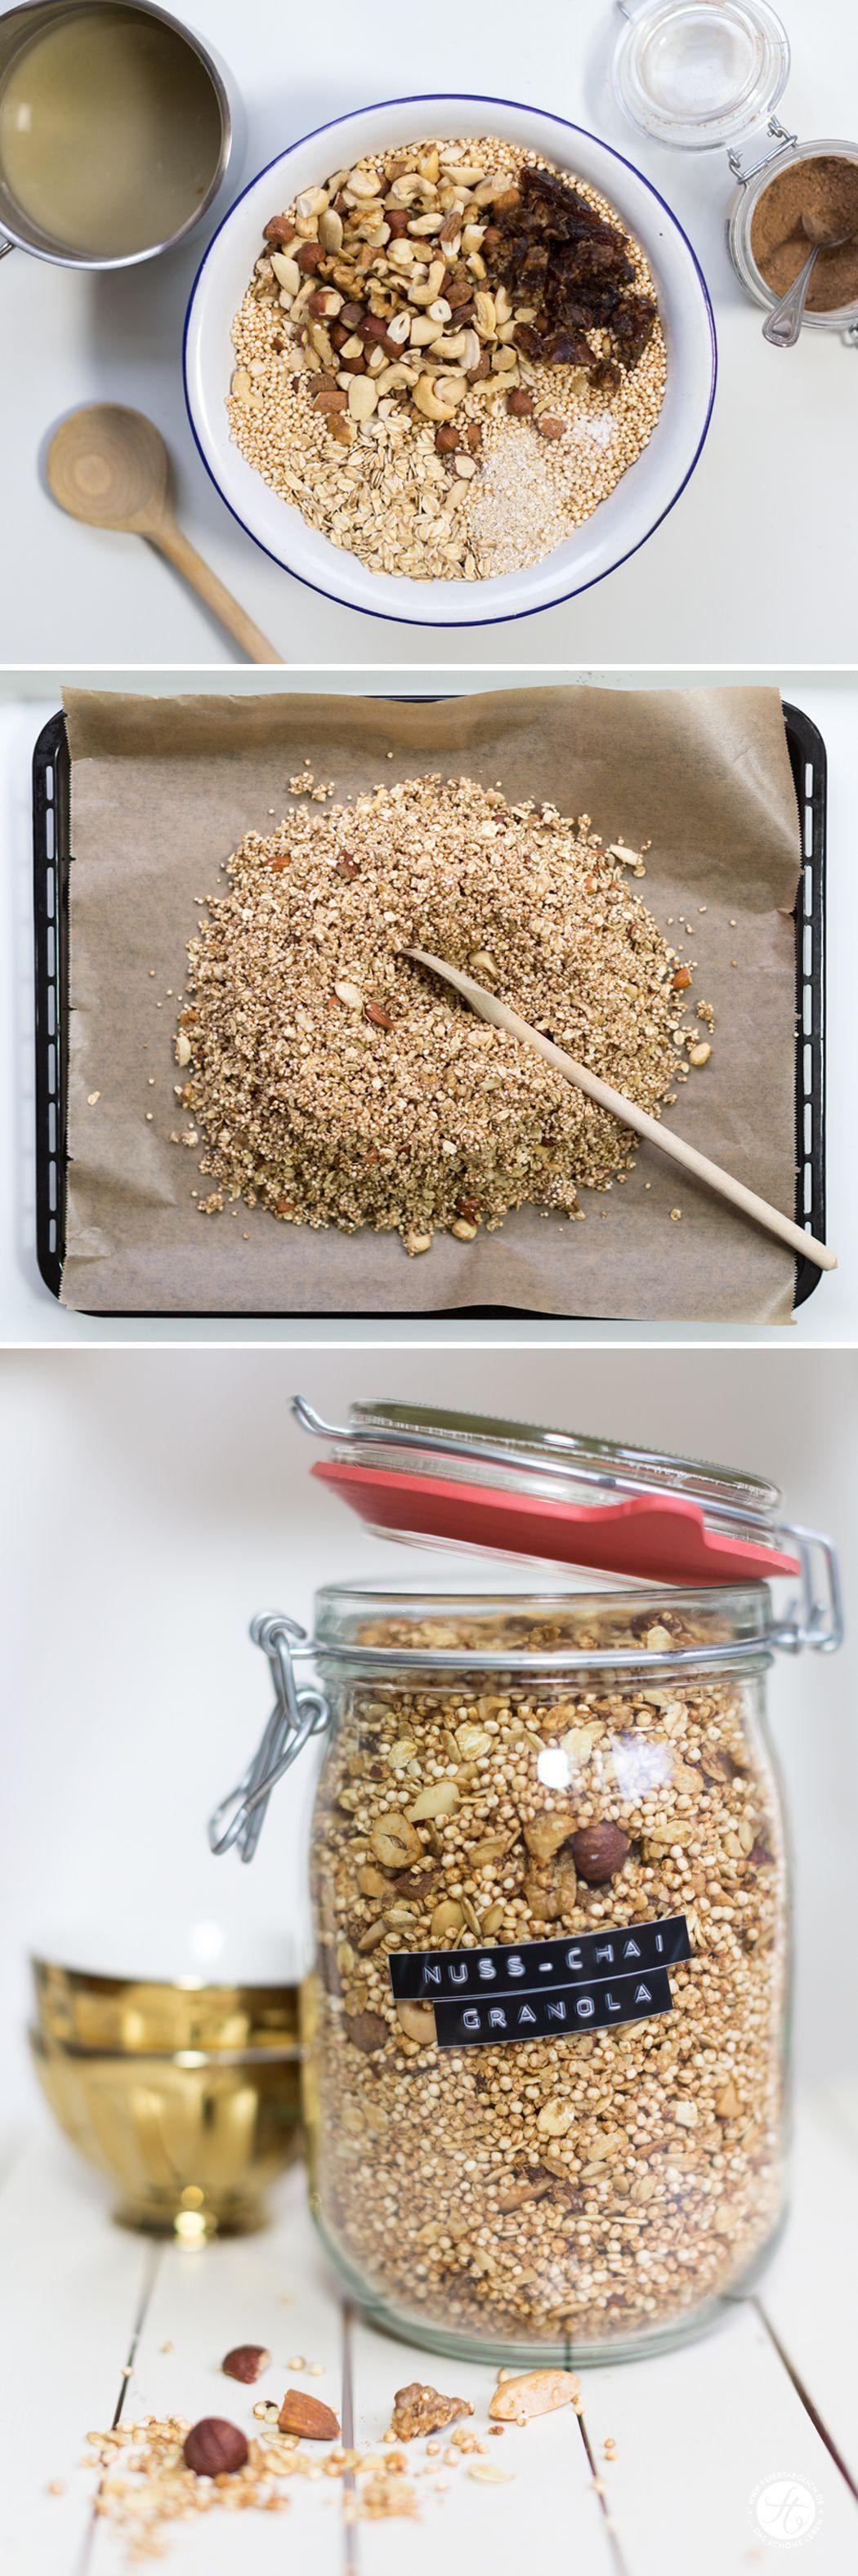 Nuss-Chai-Granola, Rezept für zuckerfreies Knuspermüsli mit Nüssen und Chao-Geschmack von feiertä, Zubereitung Rezept für zuckerfreies Knuspermüsli mit Nüssen und Chao-Geschmack von feiertä, Zubereitung